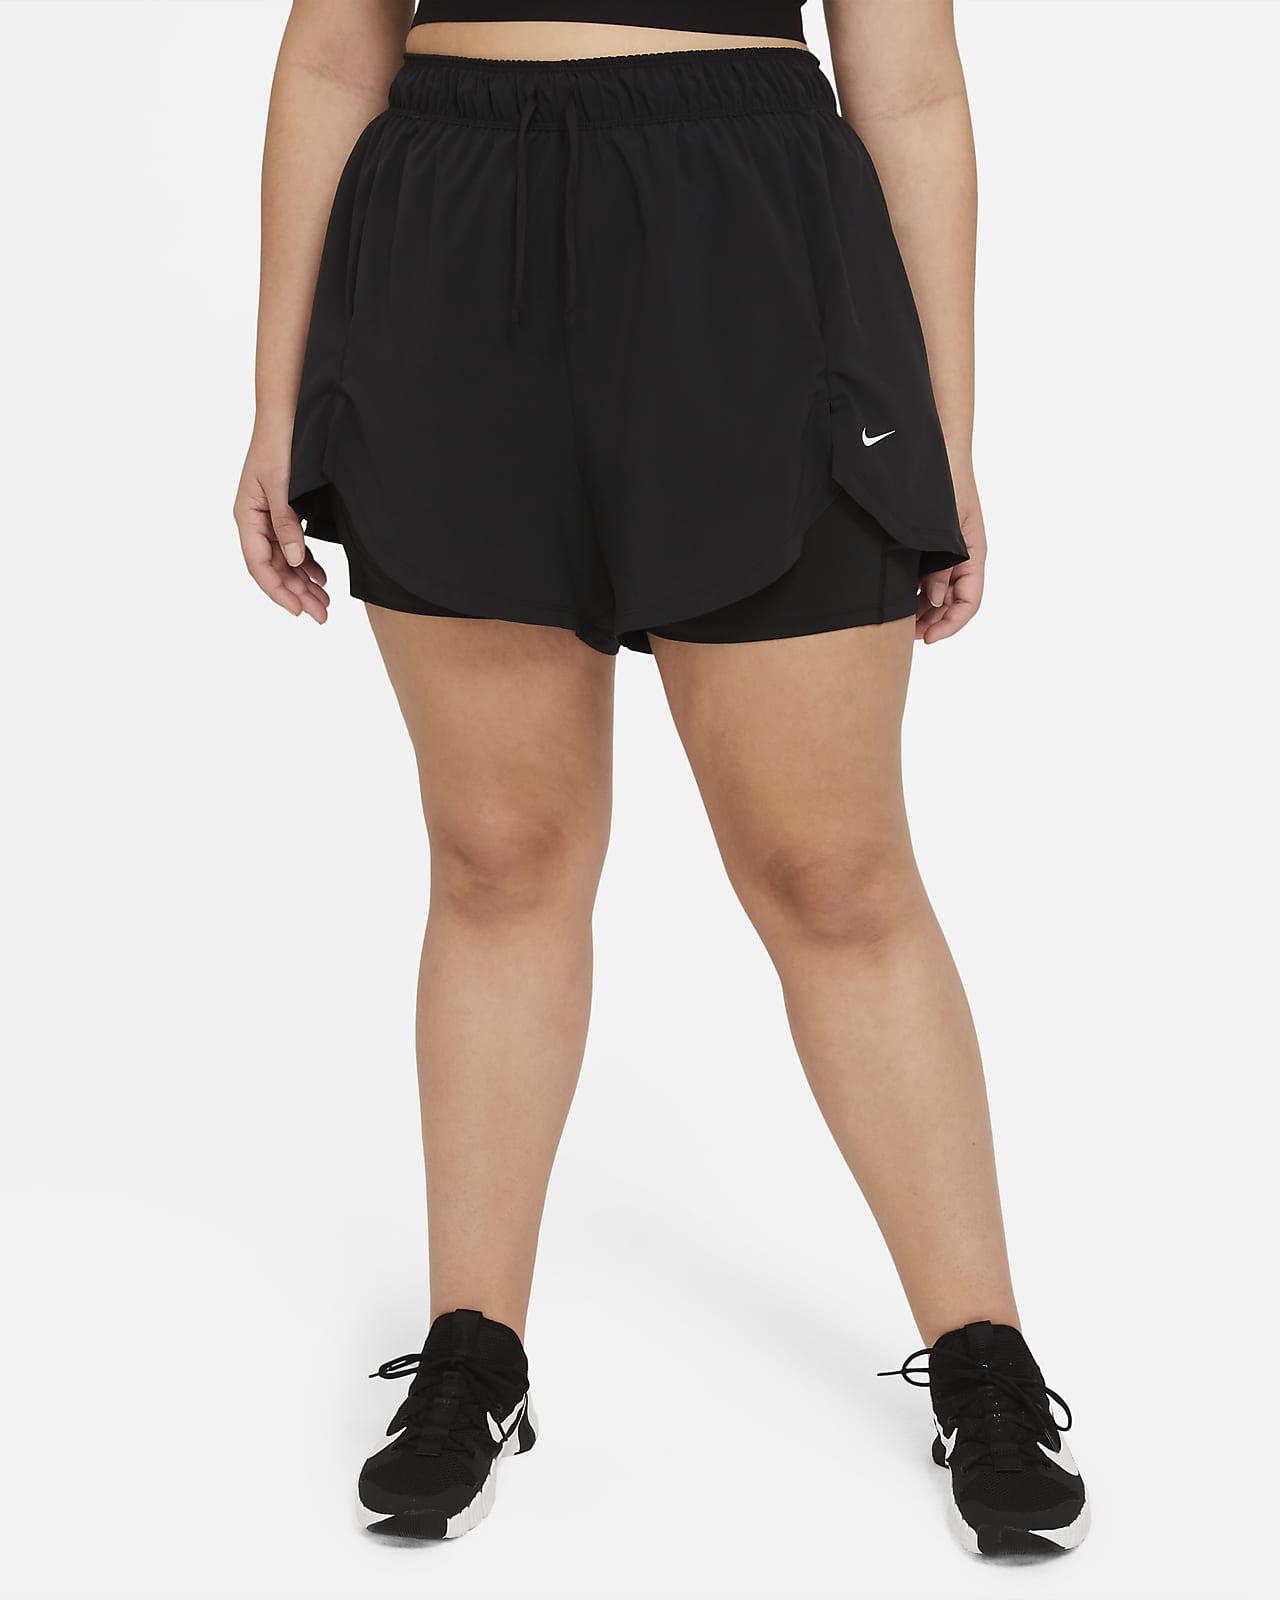 Short de training 2-en-1 Nike Flex Essential pour Femme (grande taille)